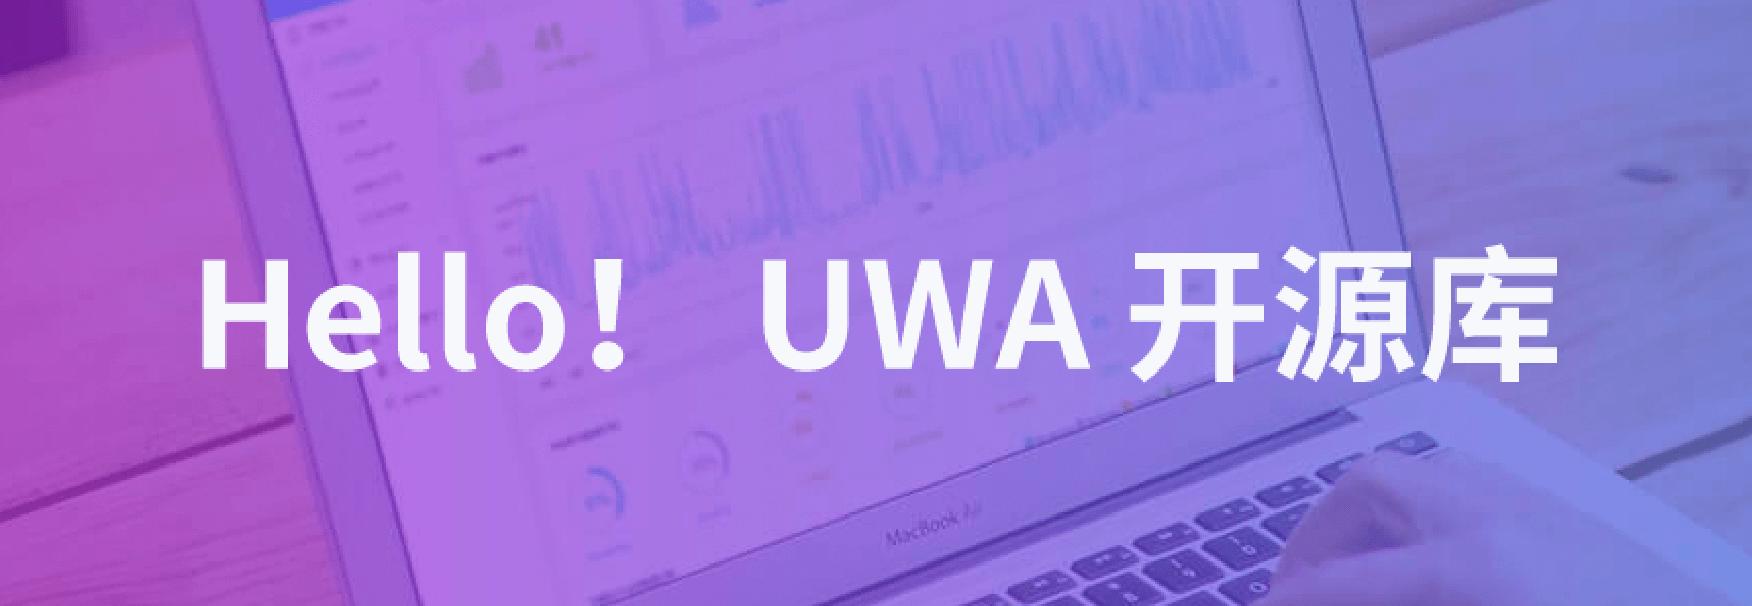 UWA开源库,始于探索精神